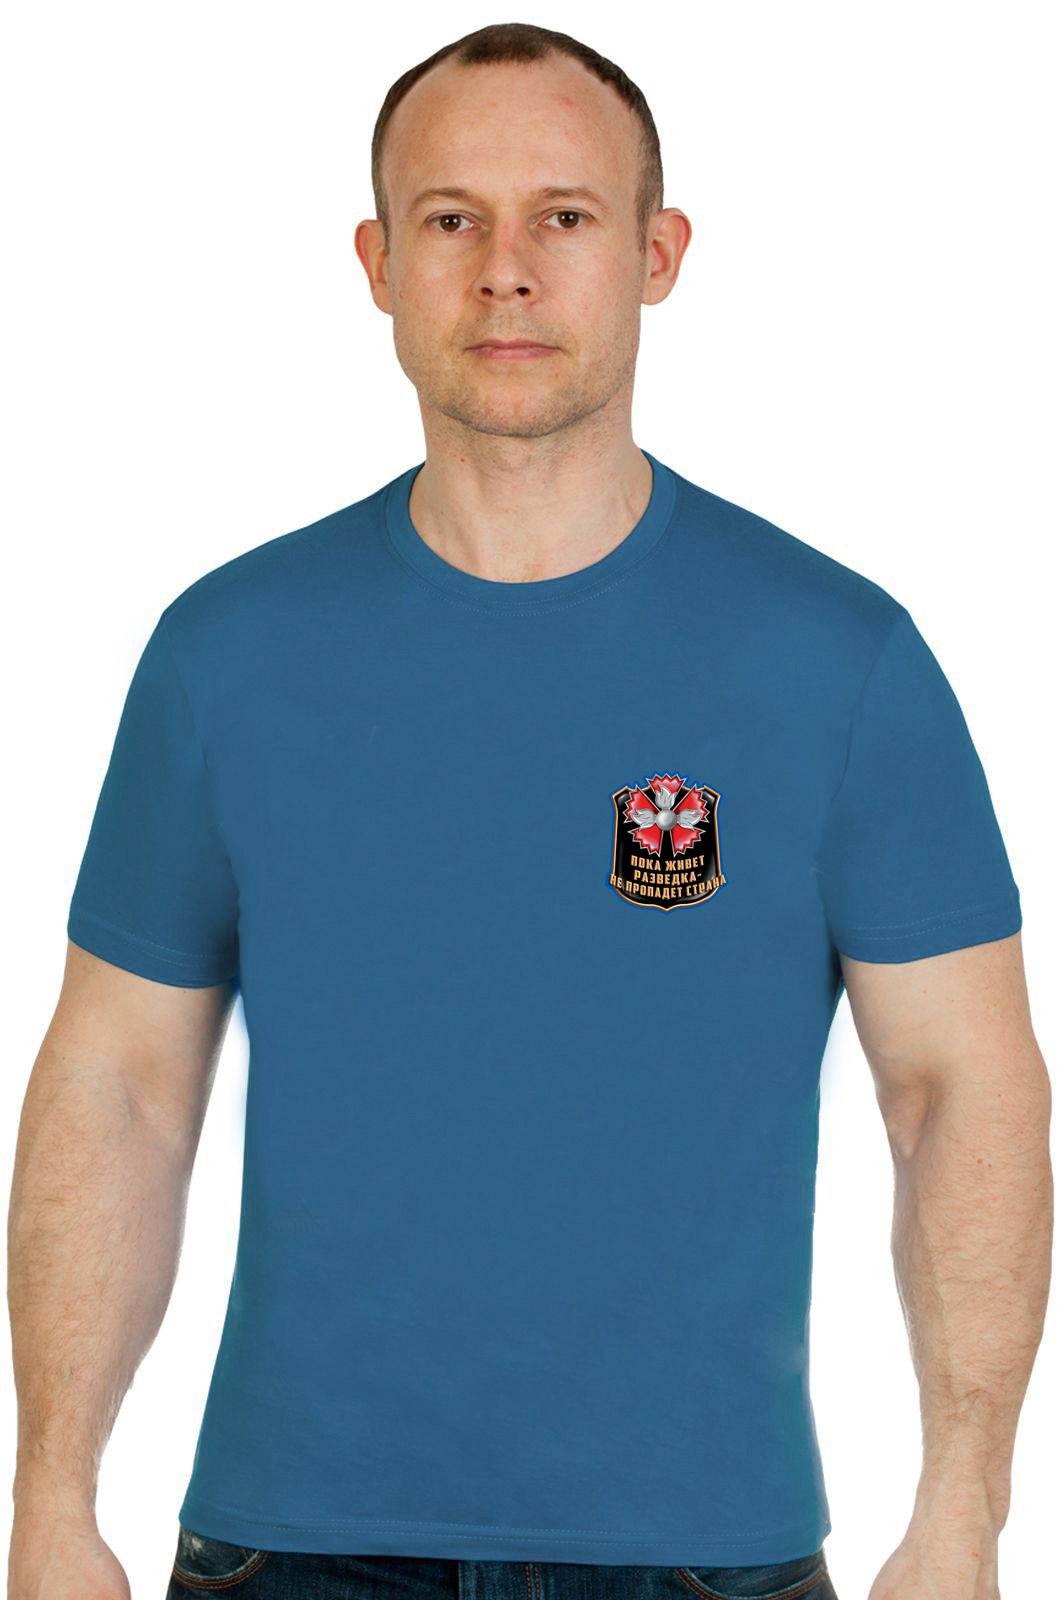 Заказать мужскую футболку разведчика с символом гвоздикой оптом